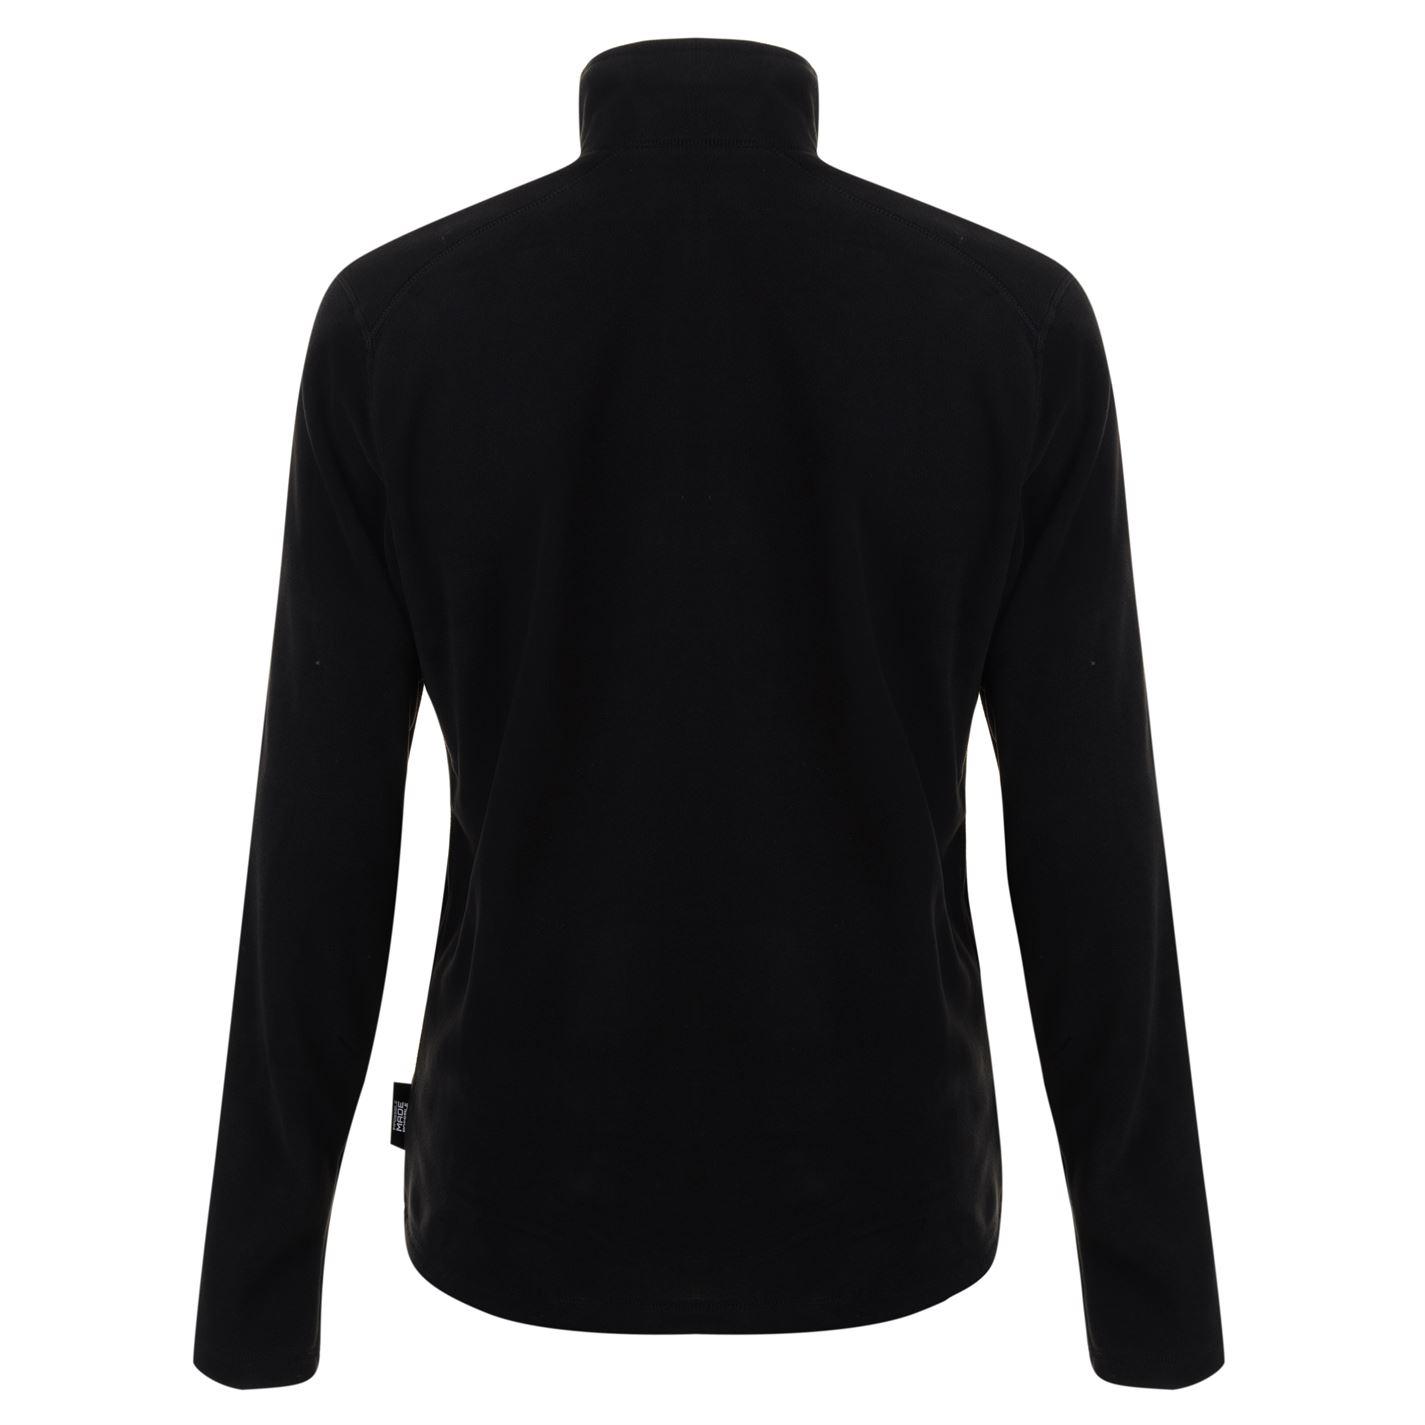 Helly Hansen Day Break Jacket Mens Gents Zipped Fleece Top Coat Sweatshirt